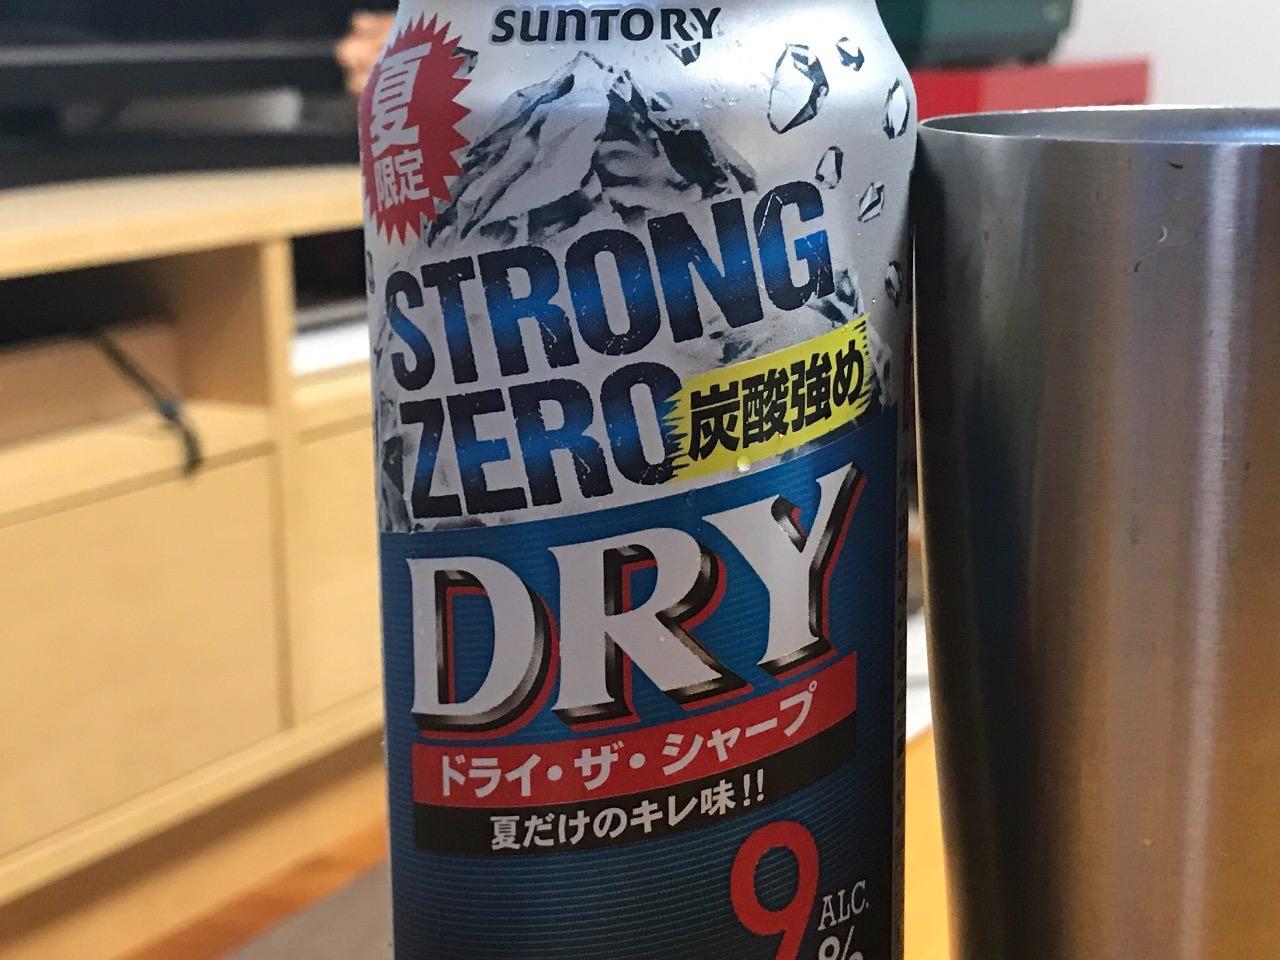 【ストロングゼロ】炭酸感強めにほんのりライムで「ドライ・ザ・シャープ」が美味かったぜ!【感想】